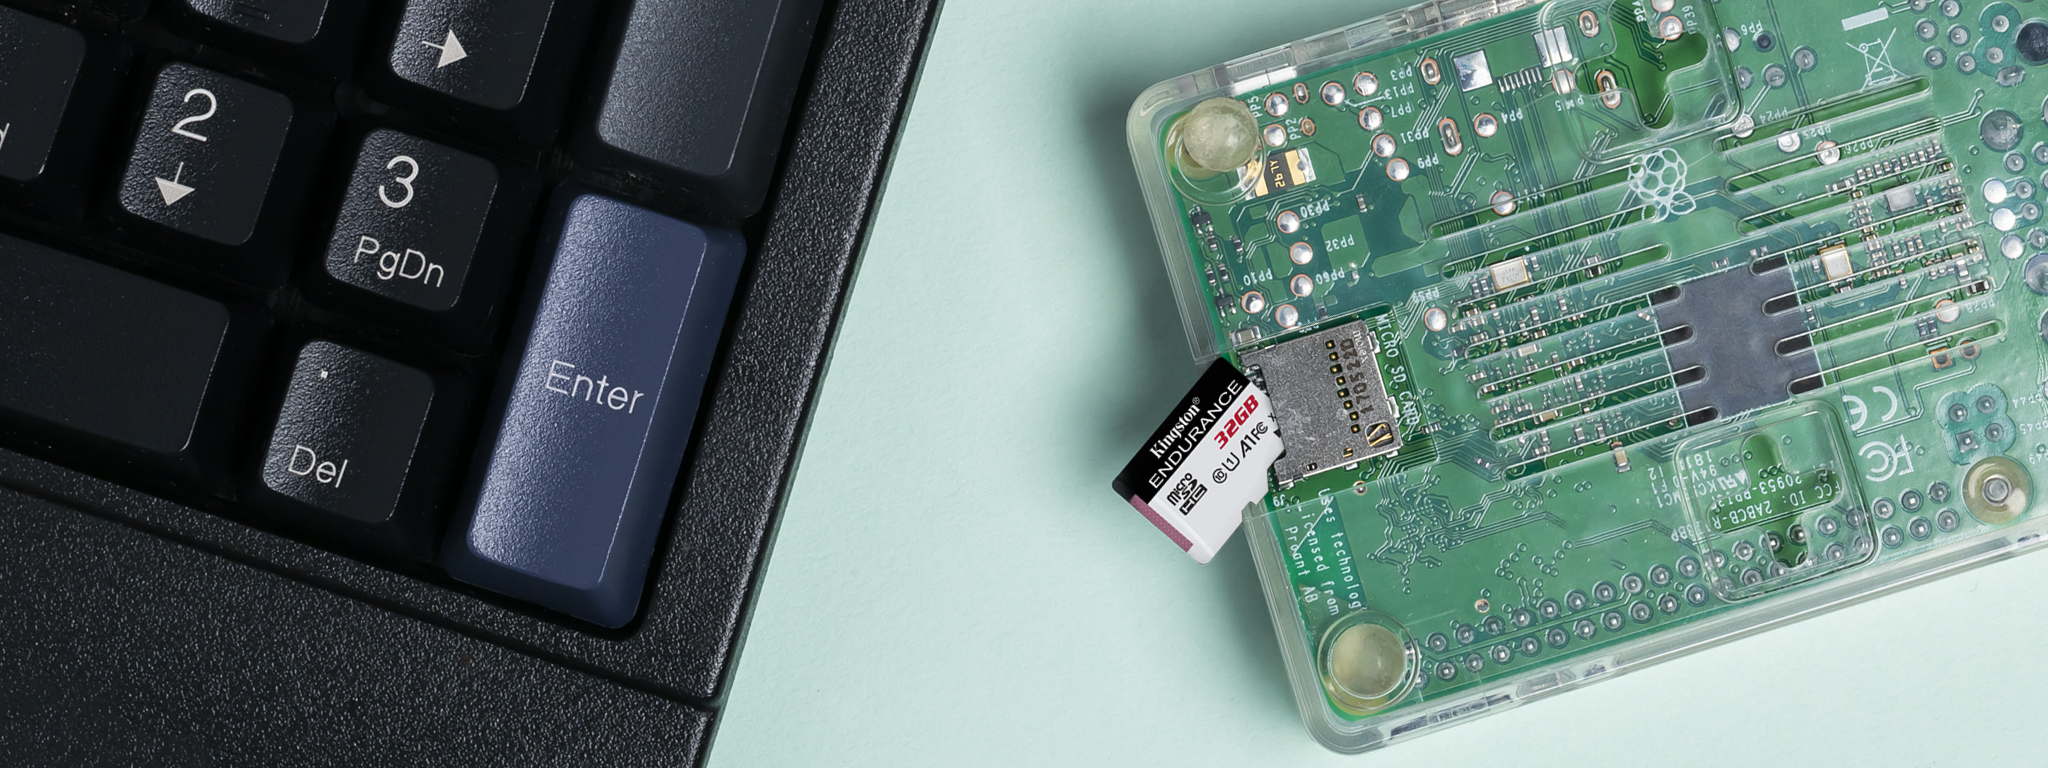 키보드 옆의 Kingston microSD 및 Raspberry Pi 소형 보드 컴퓨터